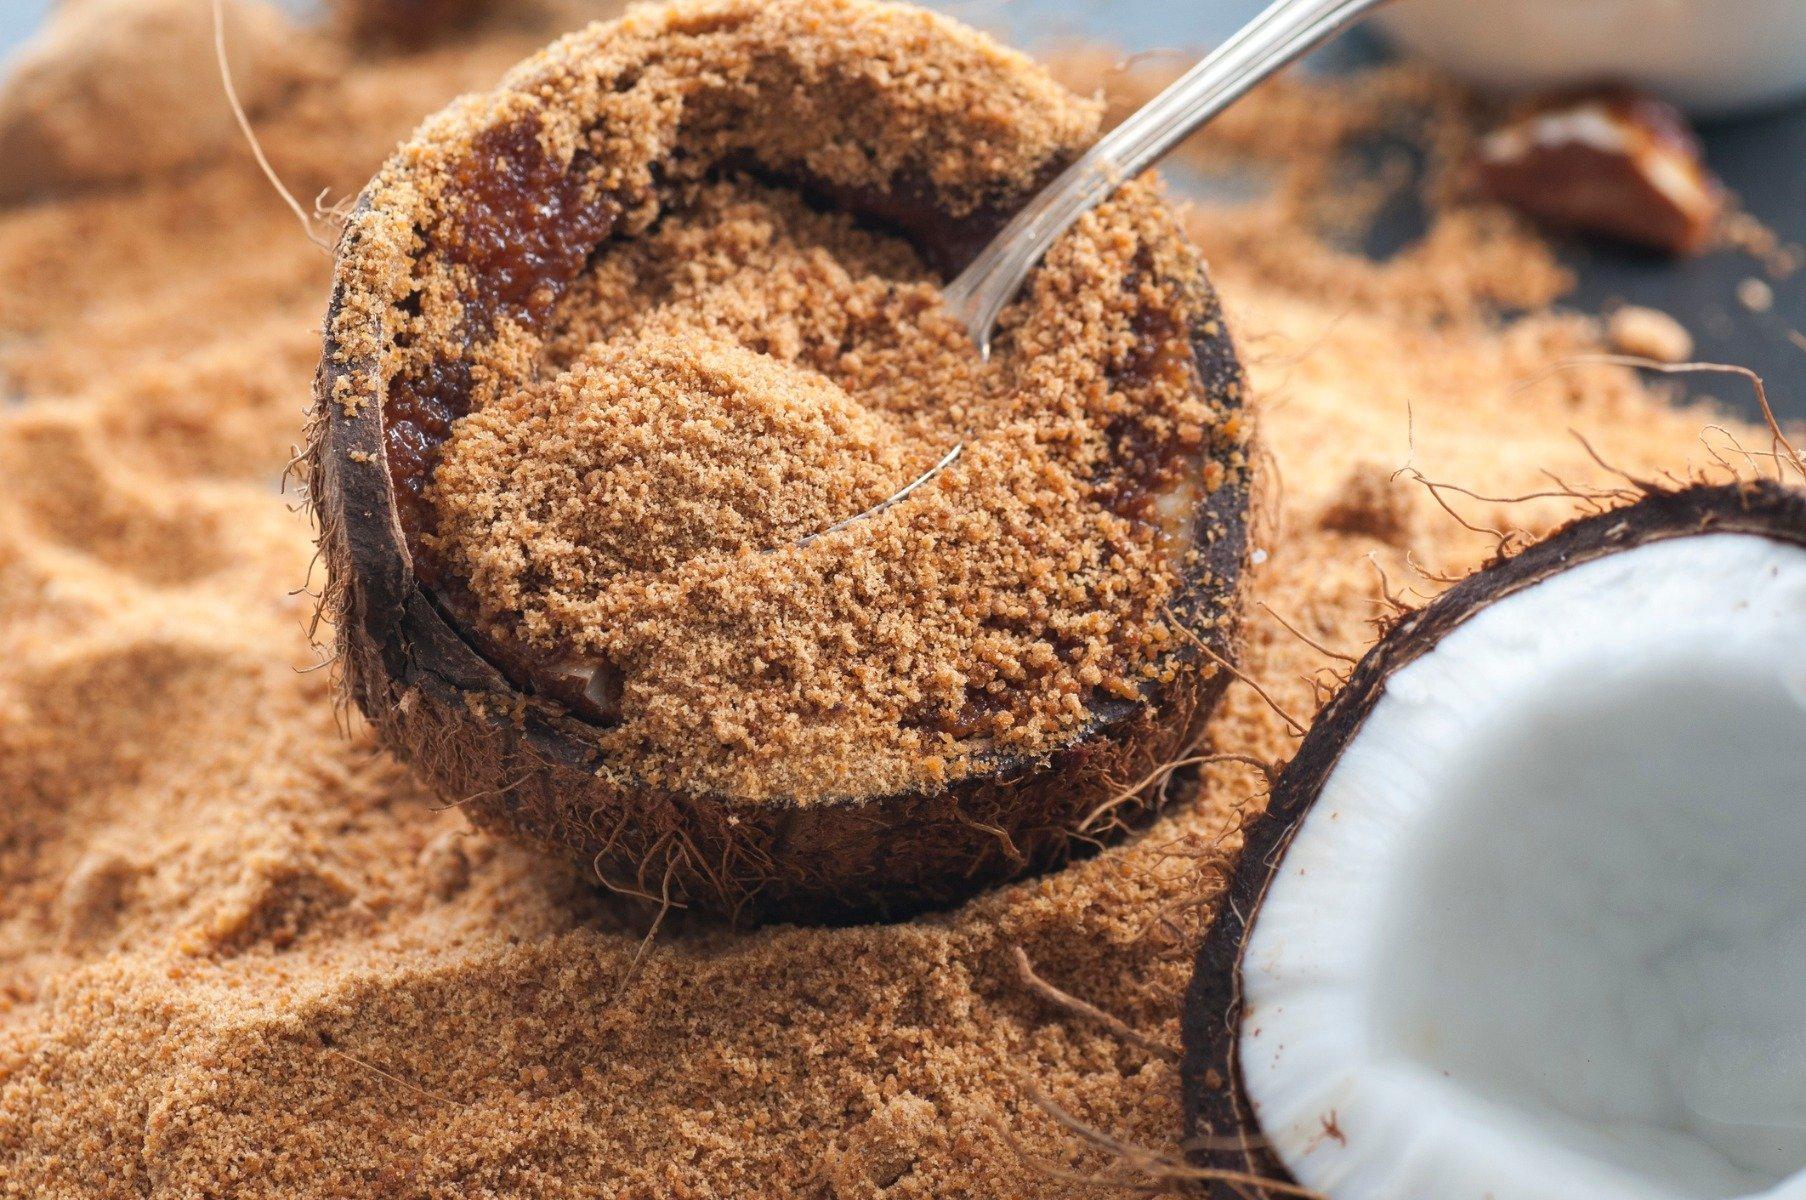 Kokosový cukor v bio kvalite, ktorý má nízky glykemický index